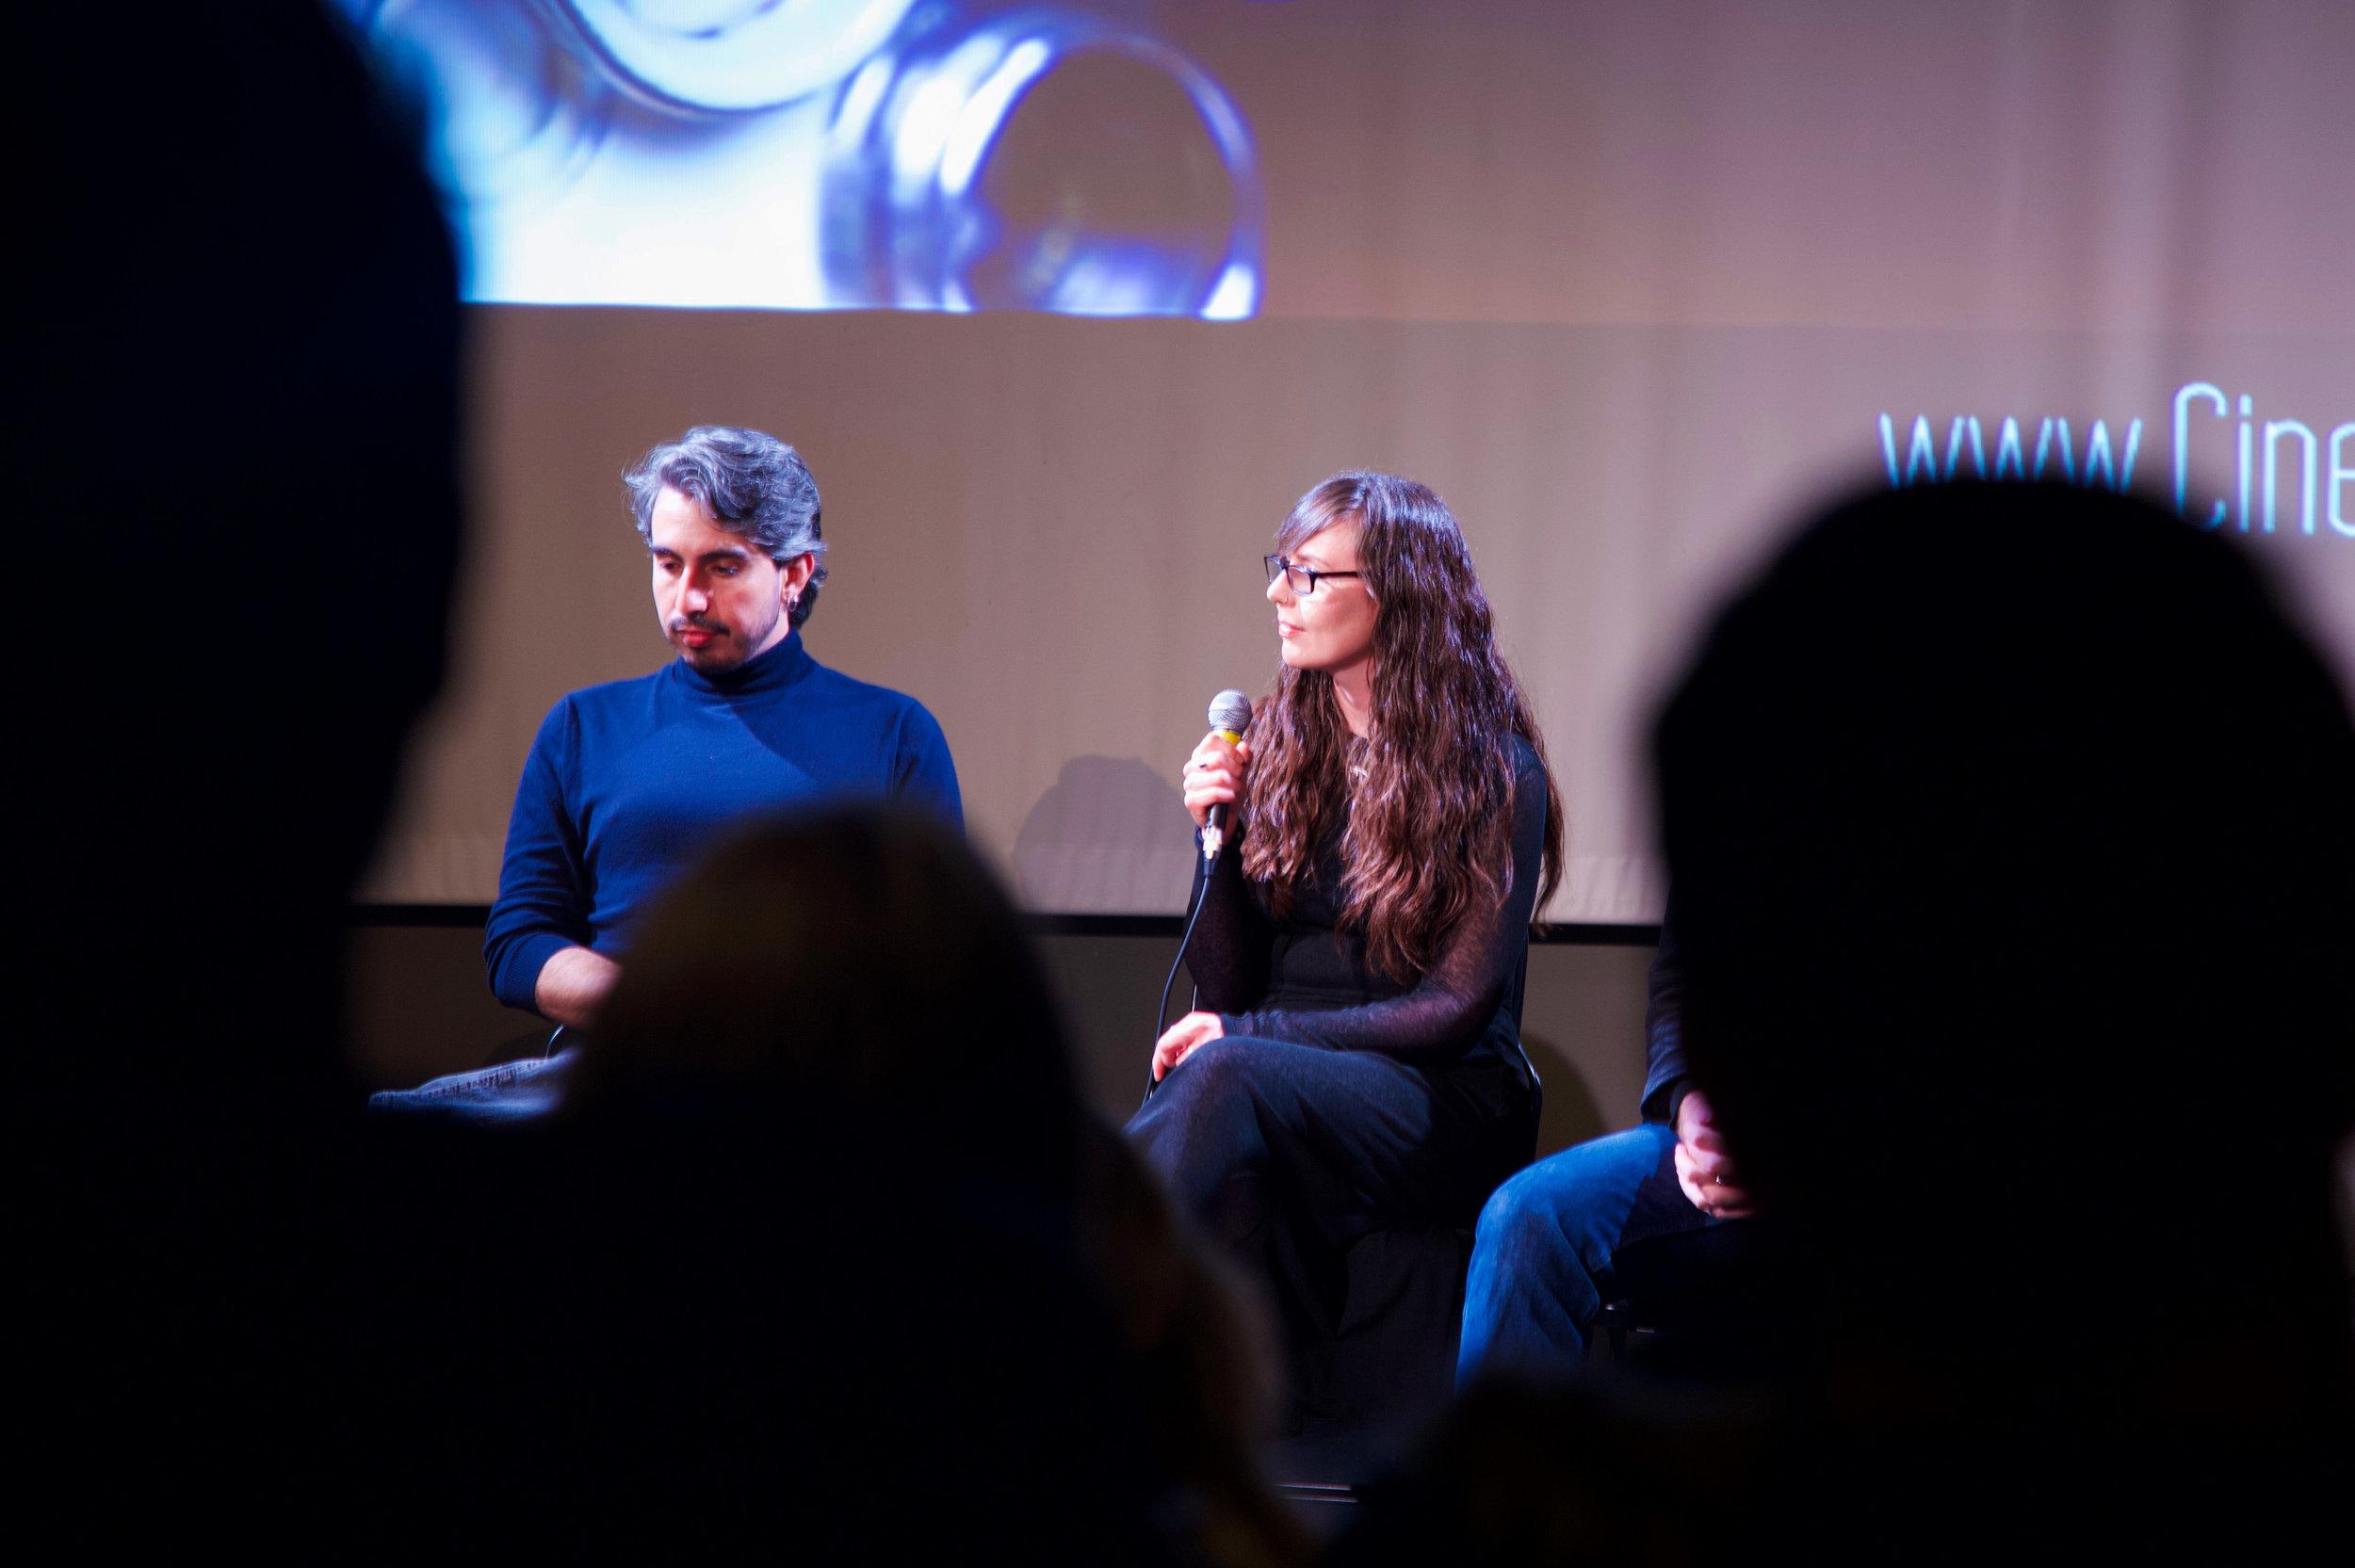 CineShotsFebruary-21.jpg